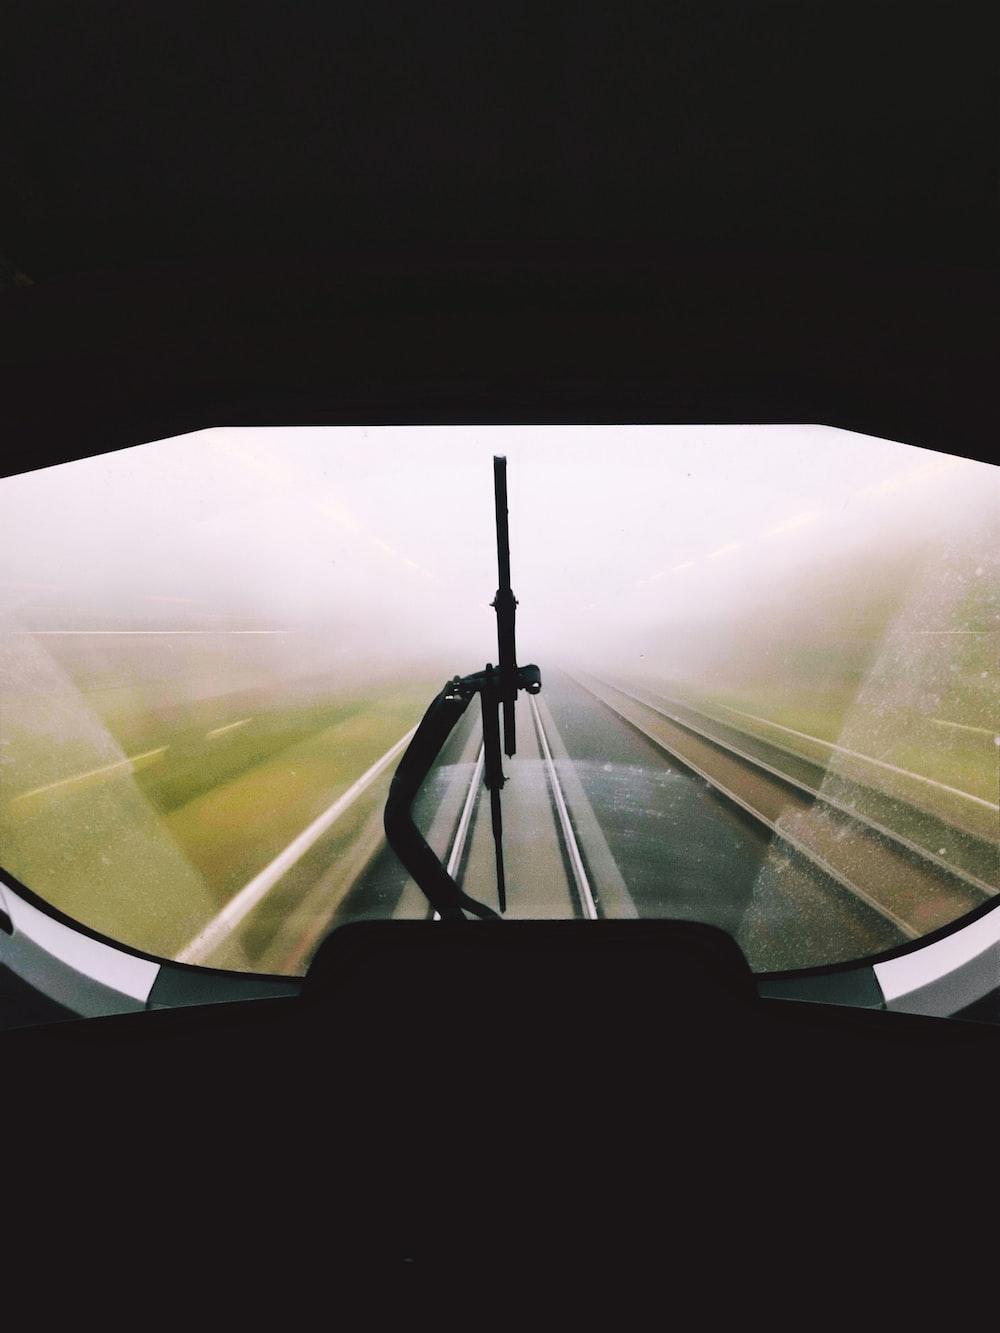 white-paned window